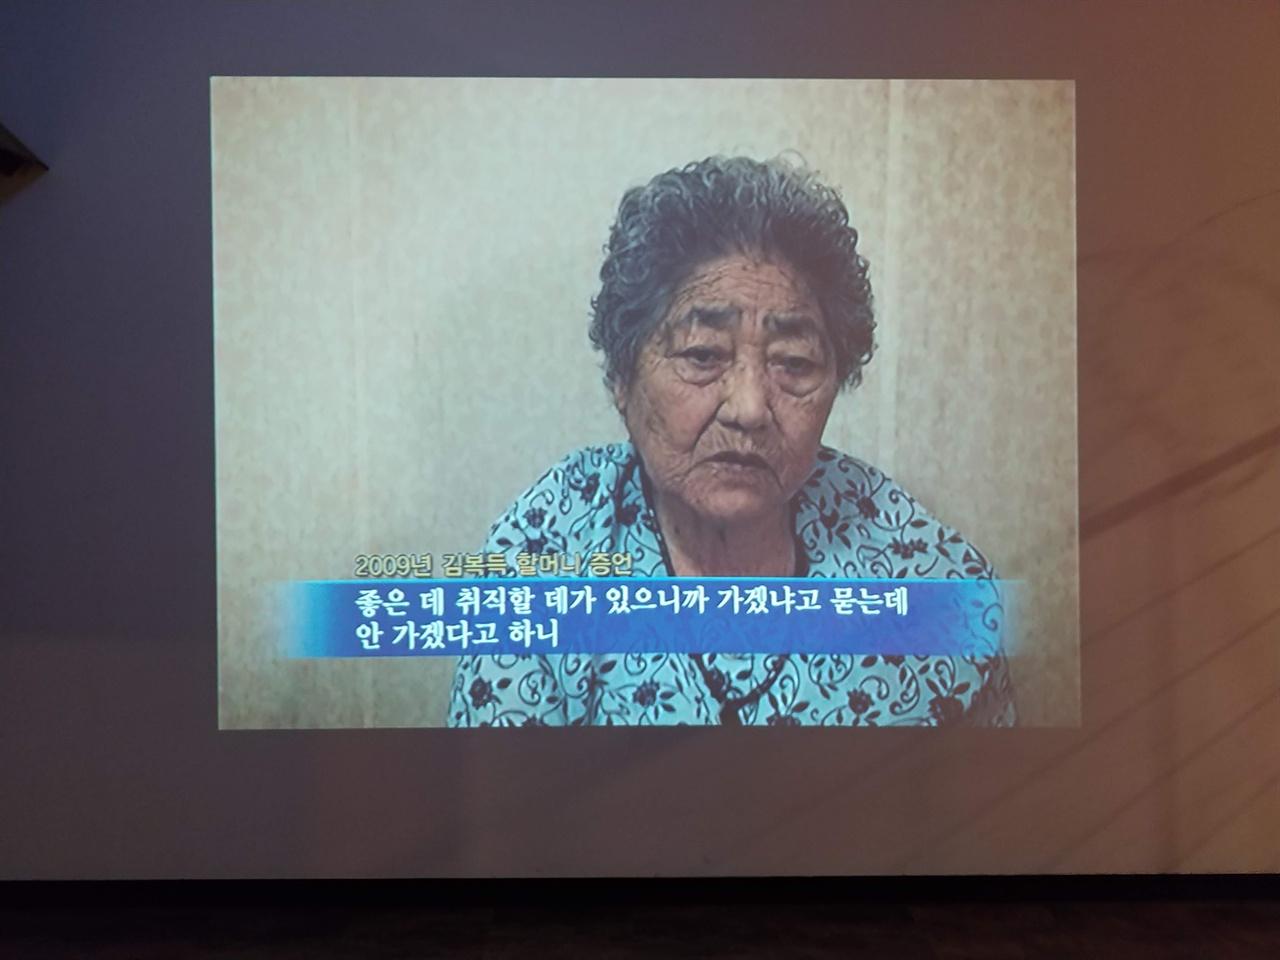 위안부피해자 김복득 할머니 증언 영상 위안부의 실상을 알리기 위해 노력하셨던 김복득 할머니는 2018년 제대로 된 사과를 받지 못한 채 세상을 떠났다.